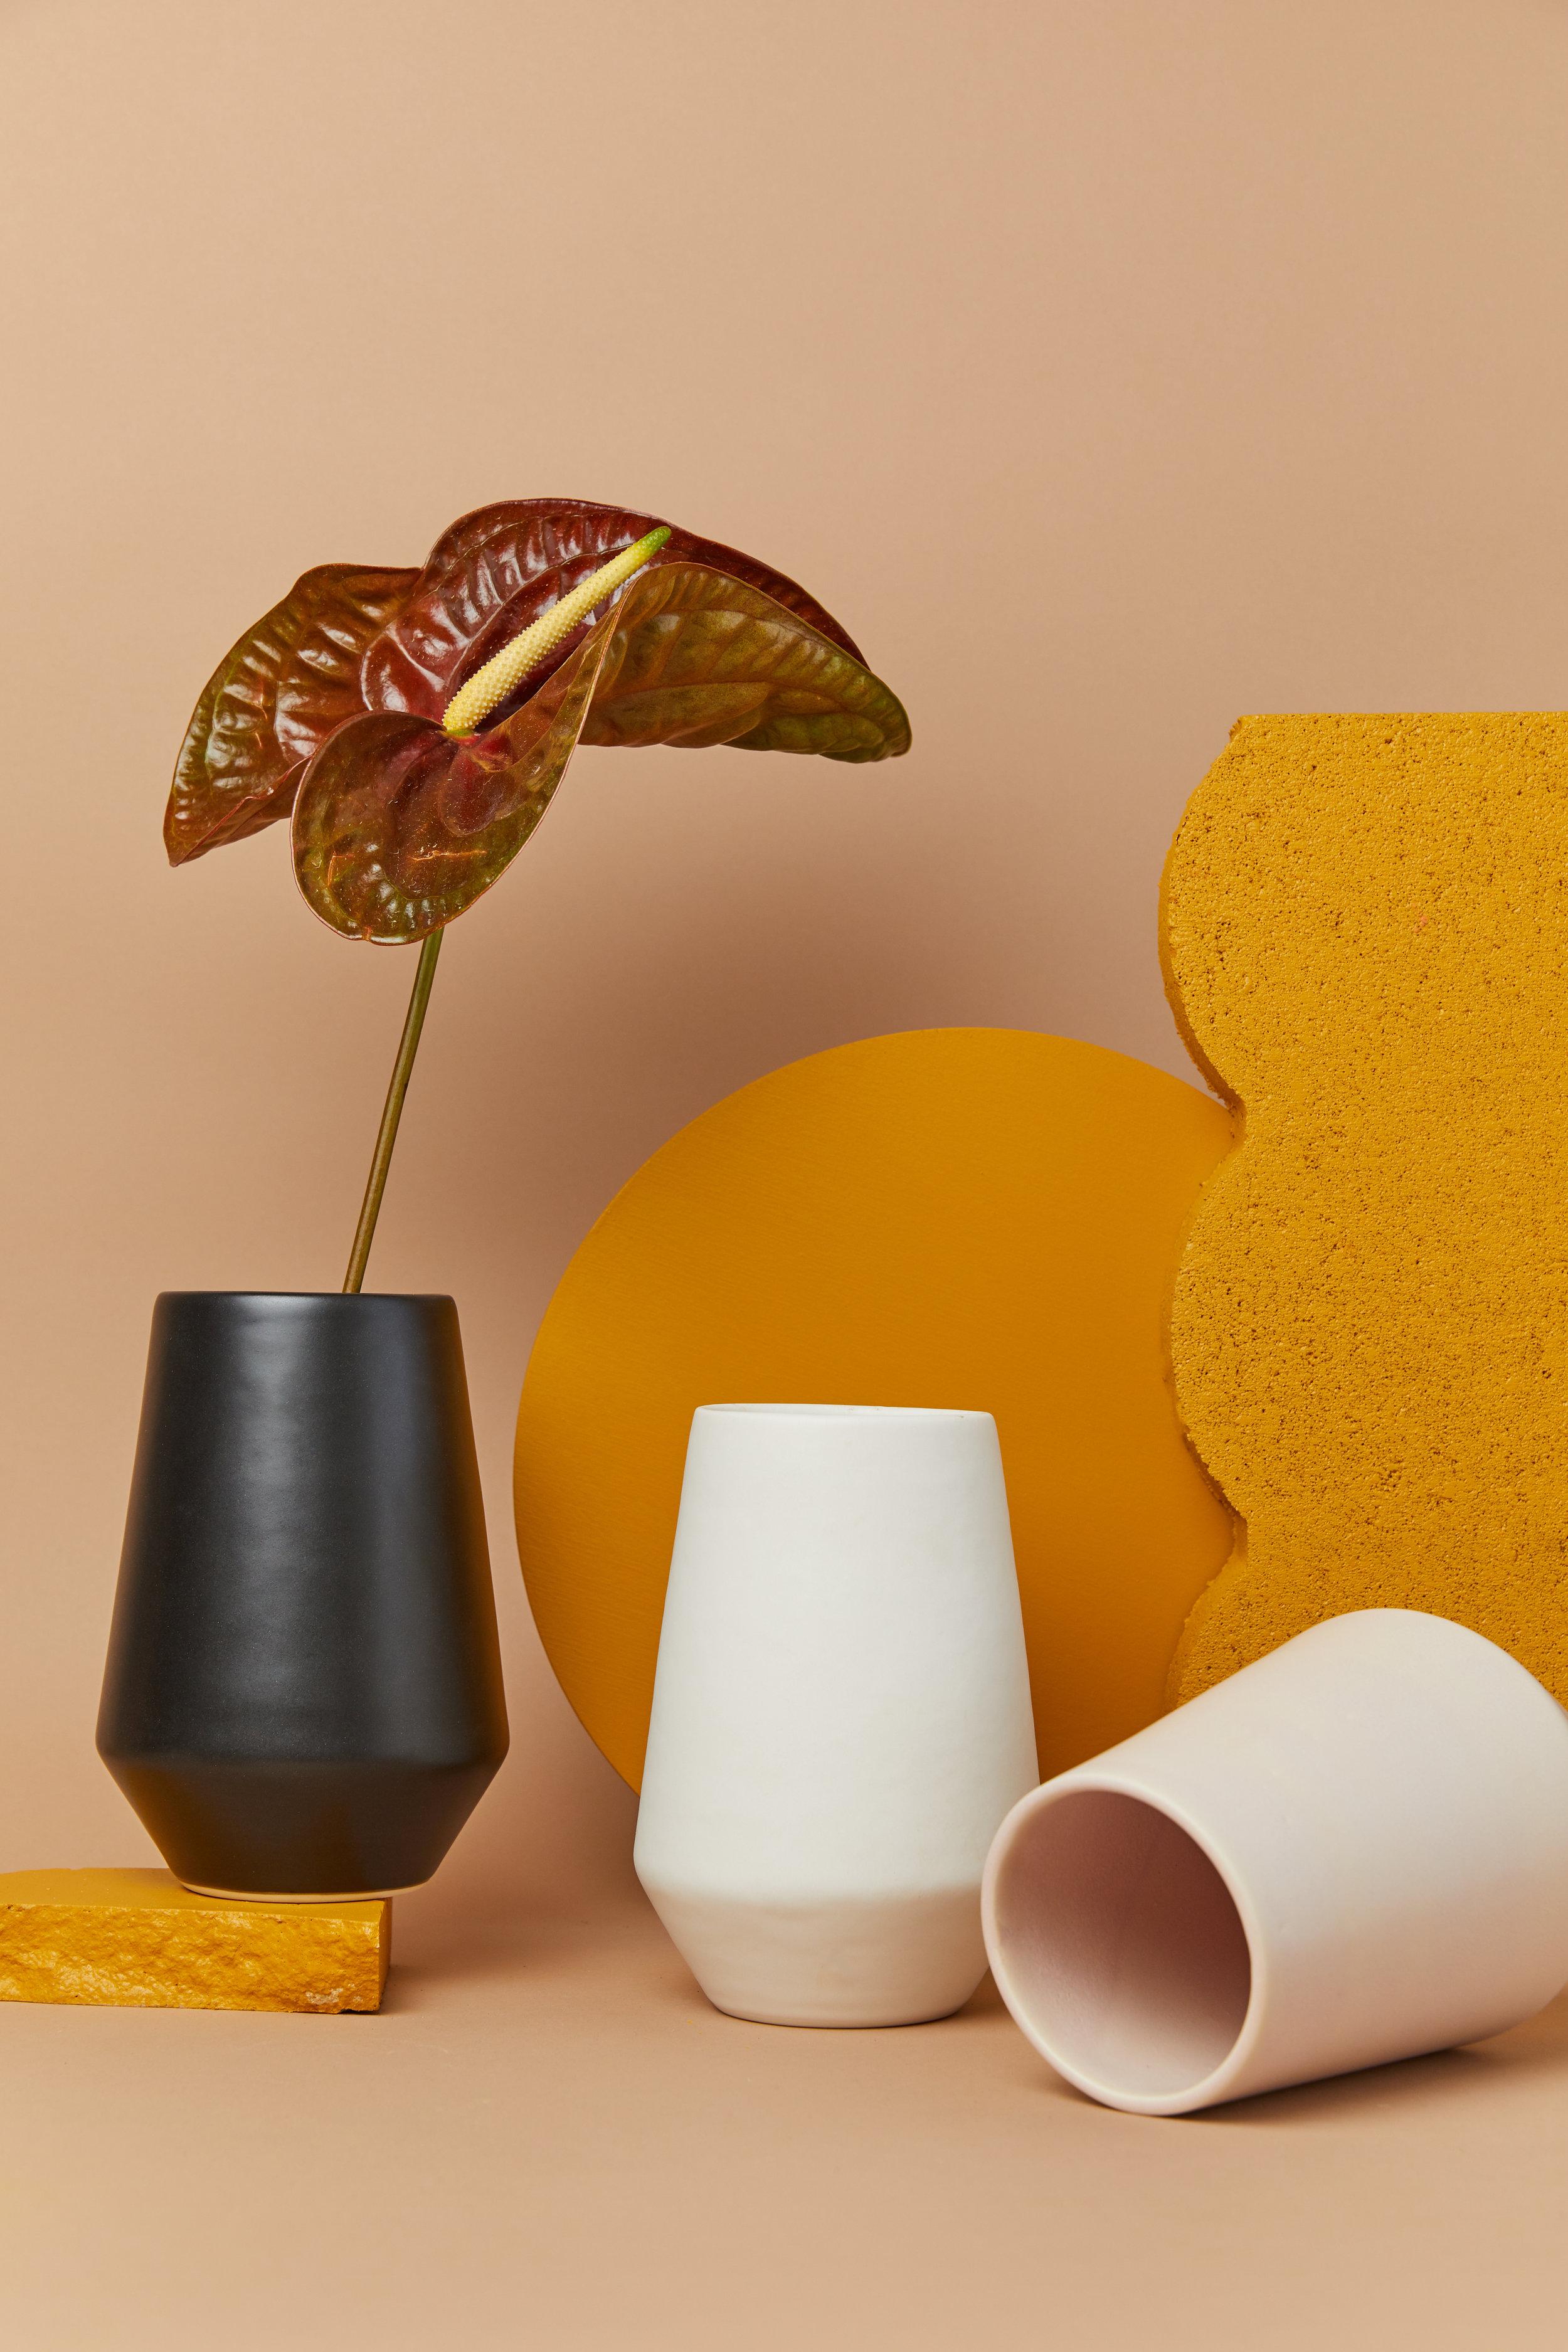 Deco planters by Amy Hamley Ceramics.